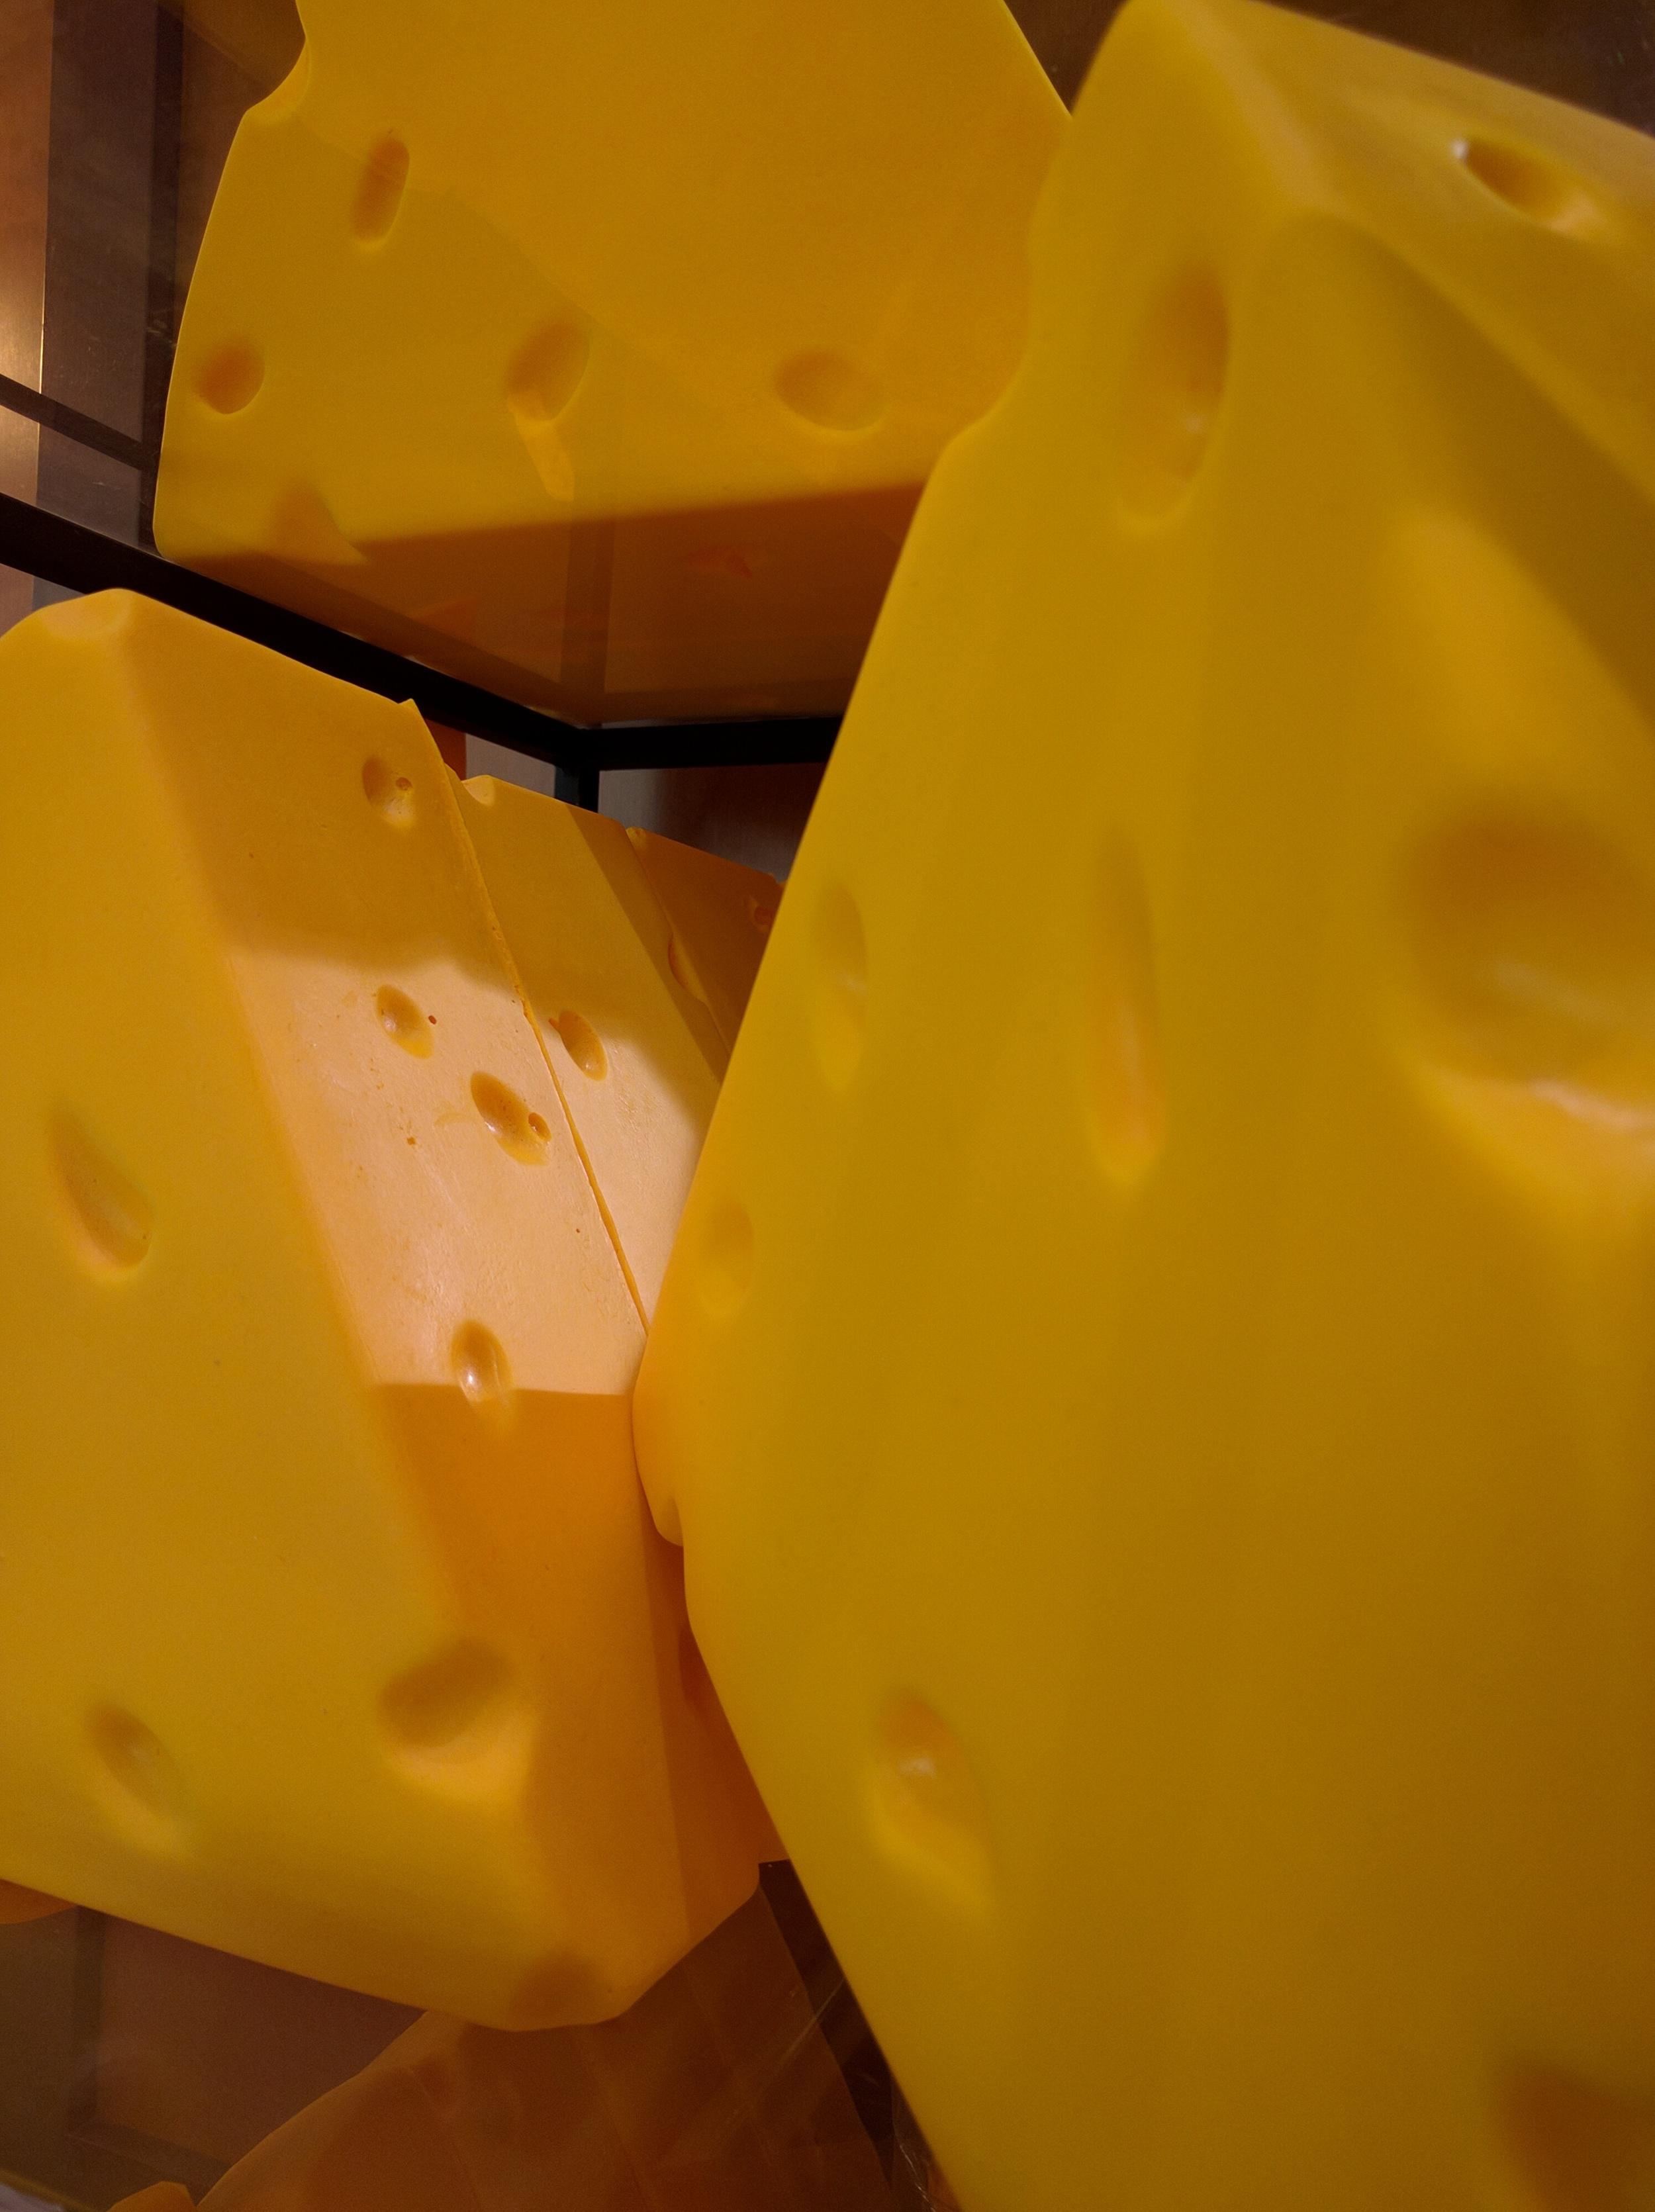 Cheese head (photo: ©Rob Schertzer 2015)